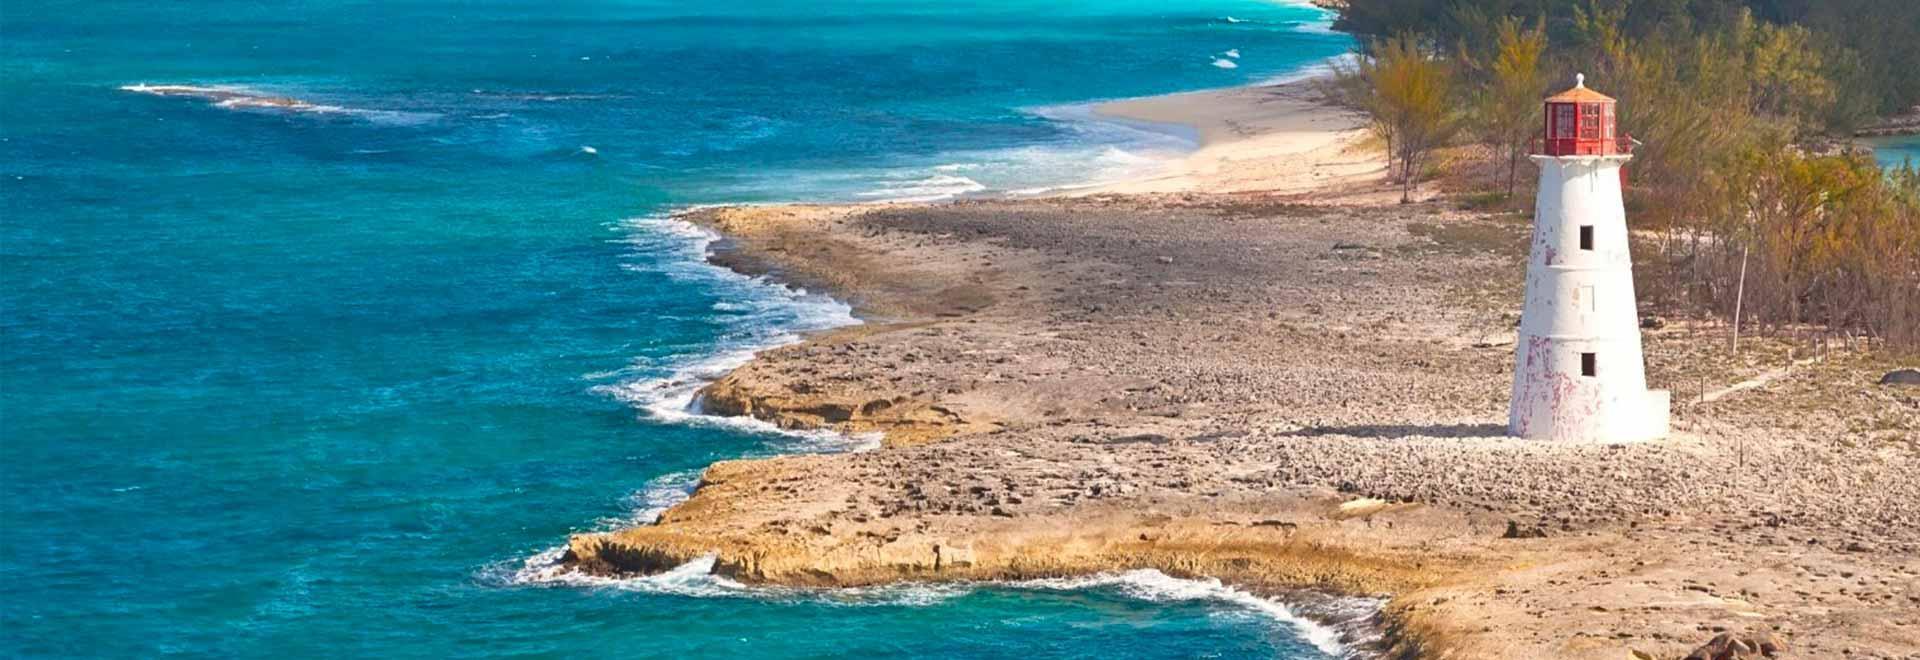 Bahamas, effetti speciali a cielo aperto